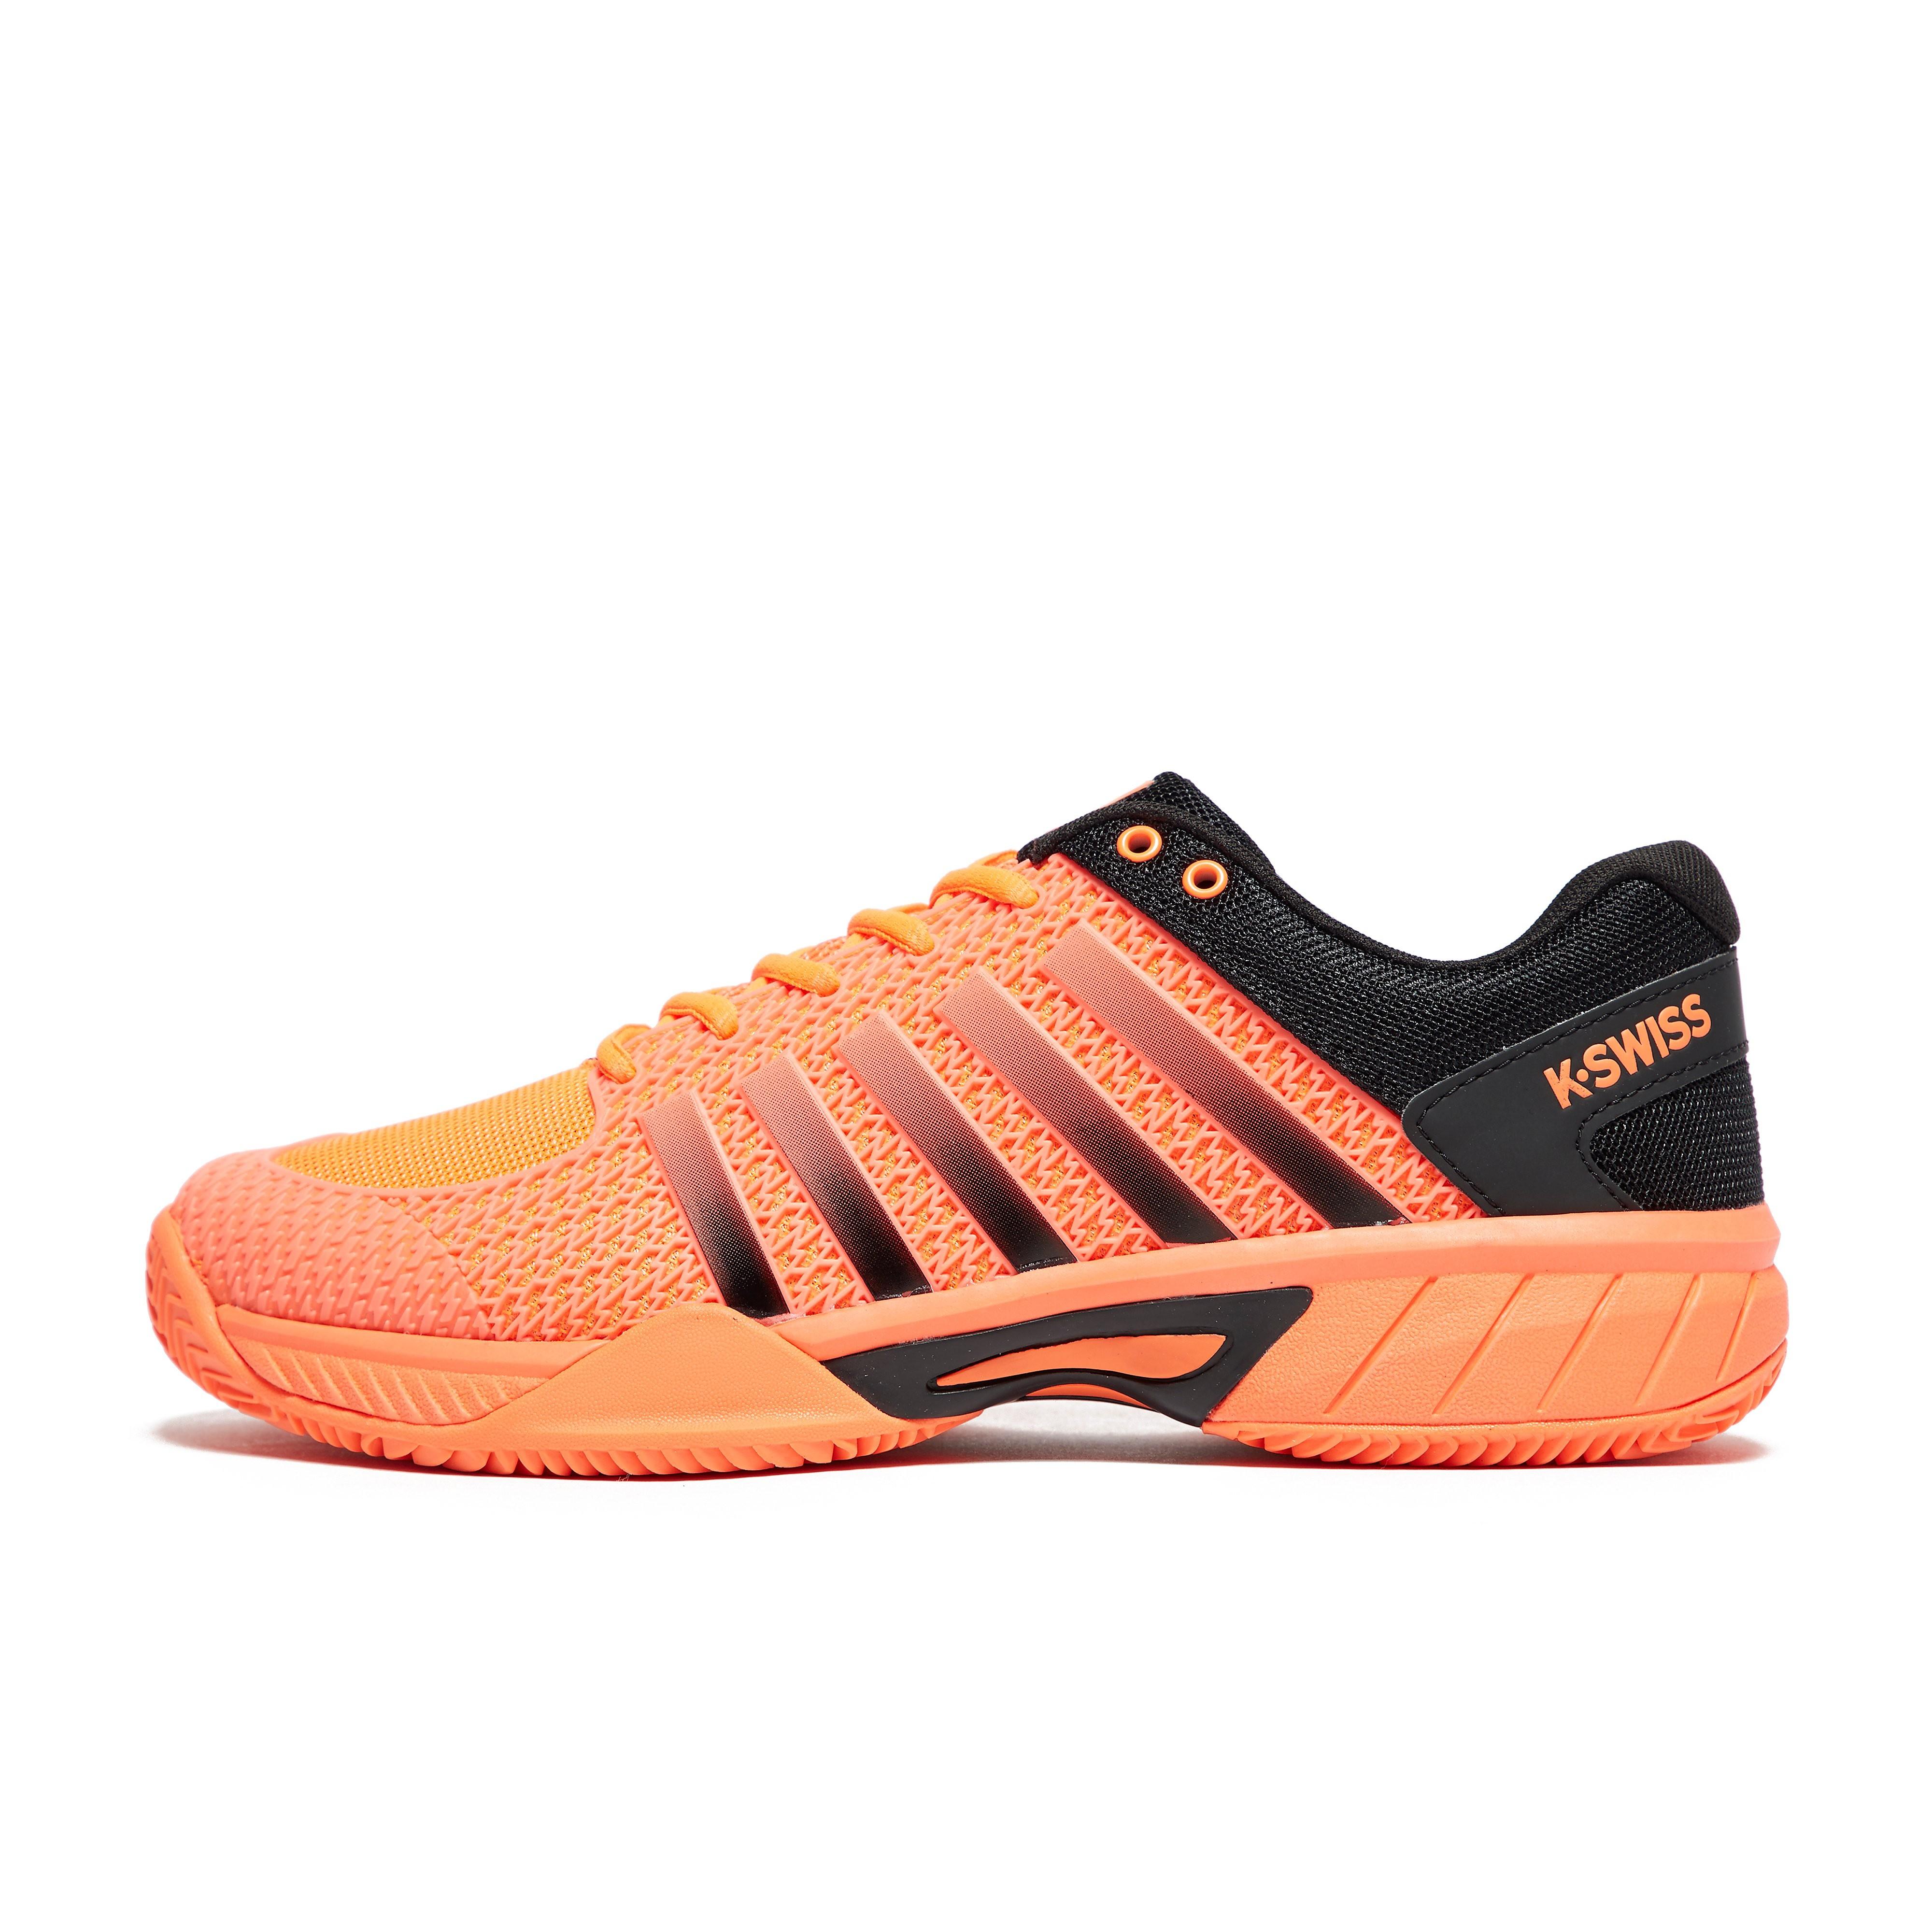 K-Swiss Express Light Men's Tennis Shoes